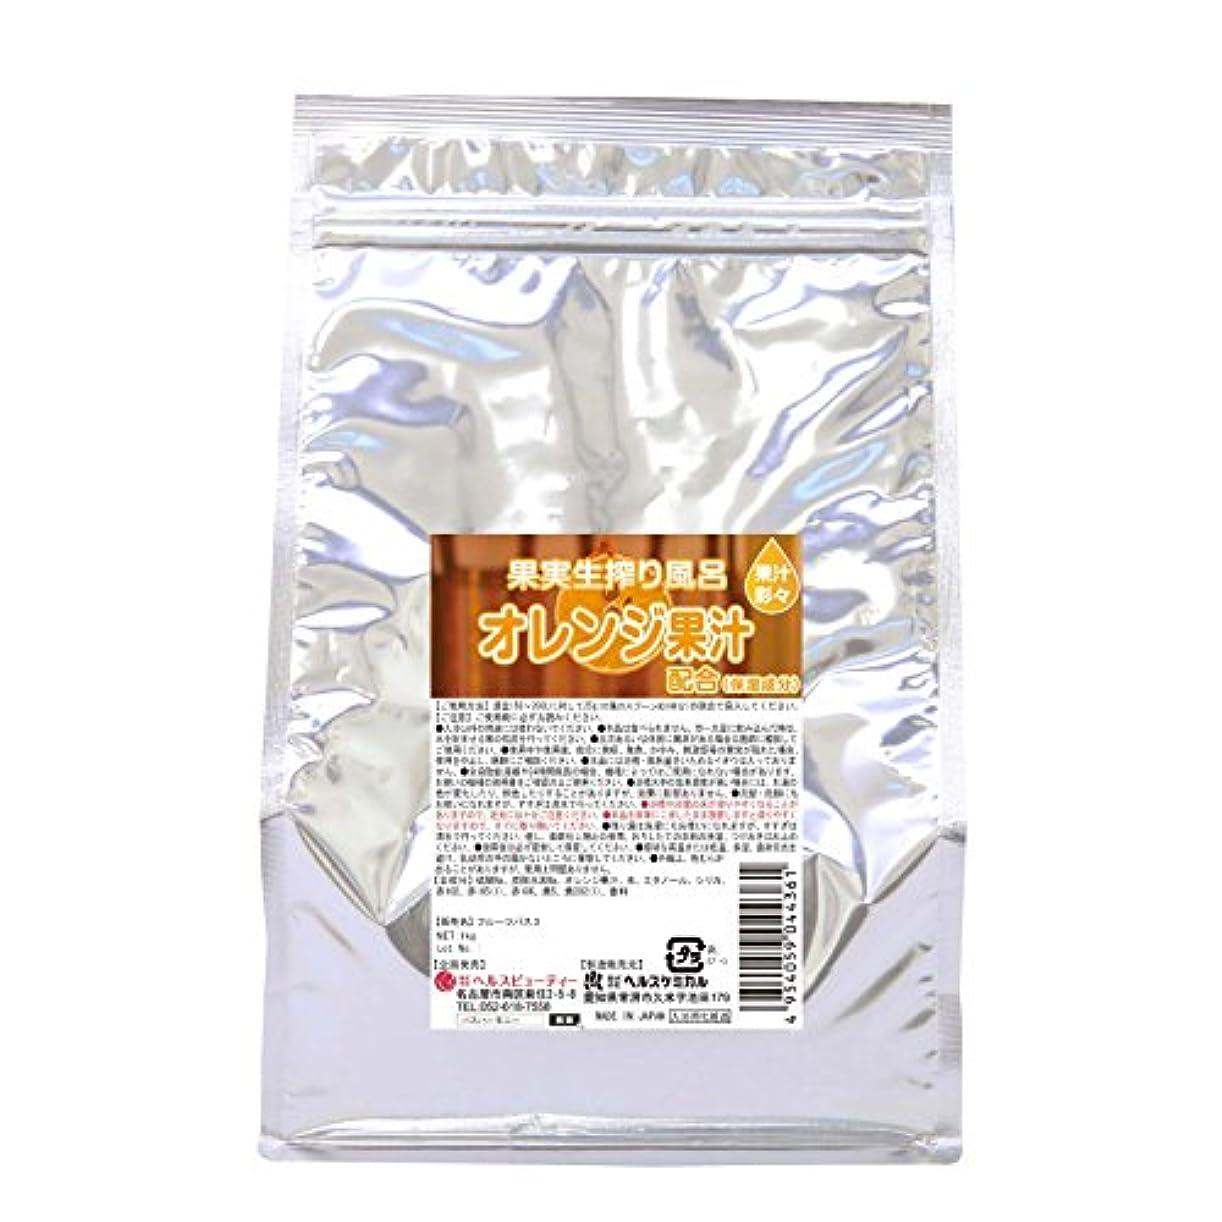 変化する付属品おとこ入浴剤 湯匠仕込 オレンジ果汁配合 1kg 50回分 お徳用